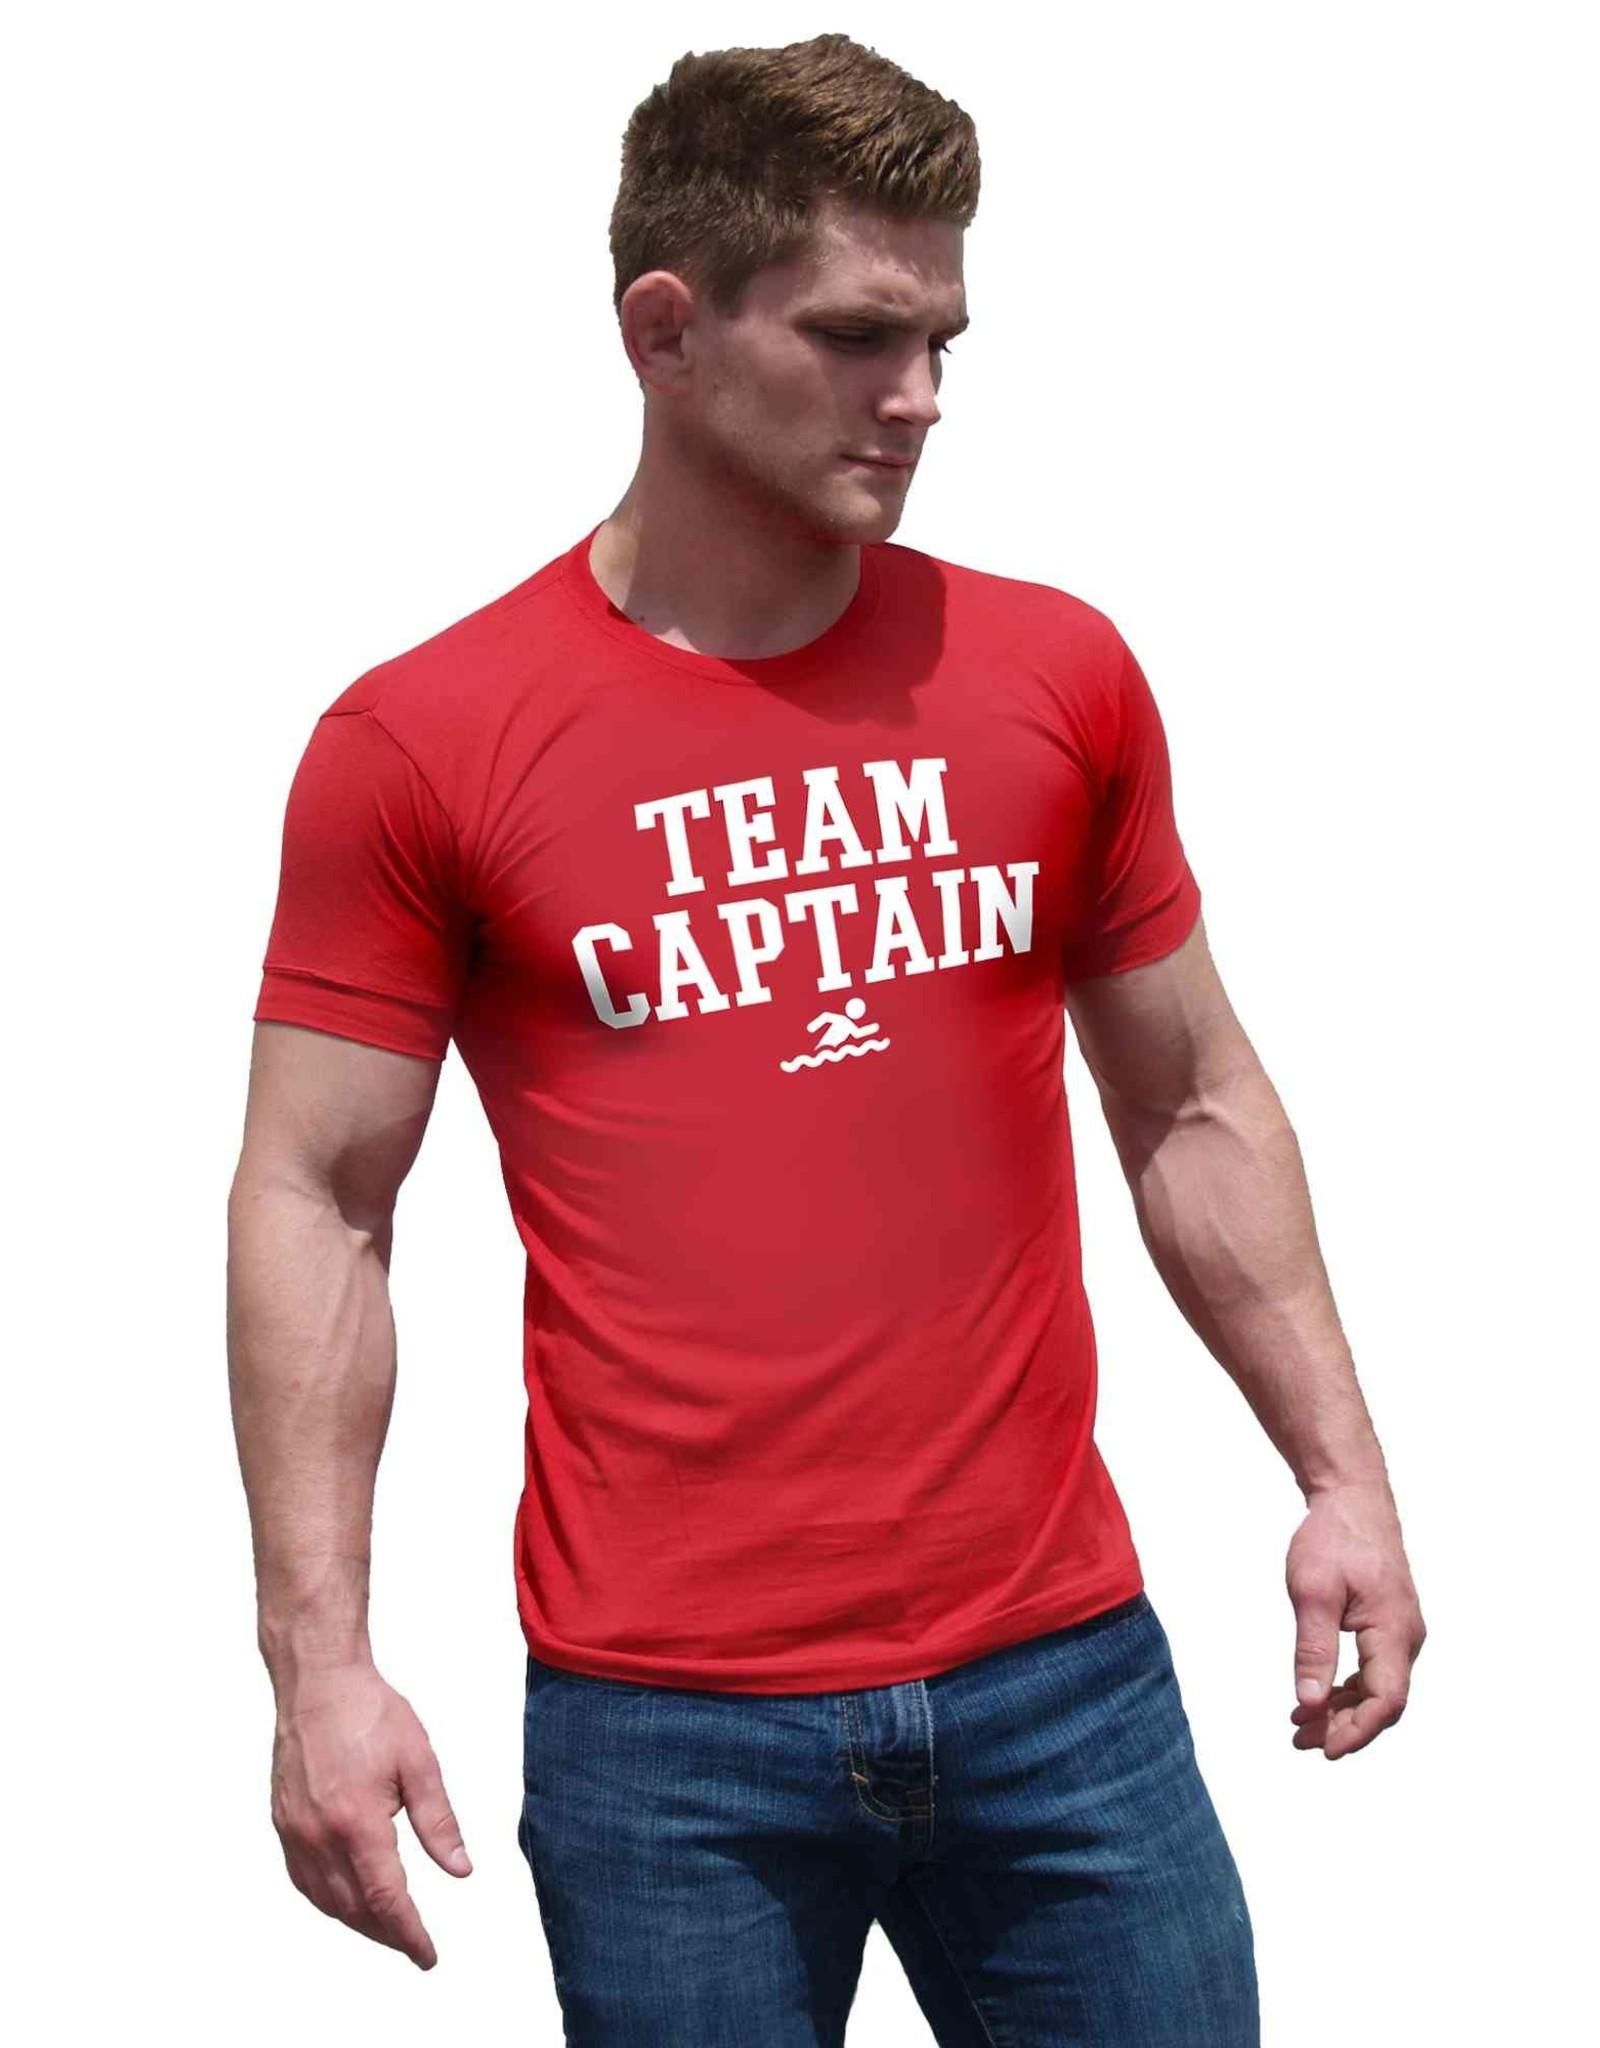 ajaxx63 ajaxx63 Team Captain Tee - NEW